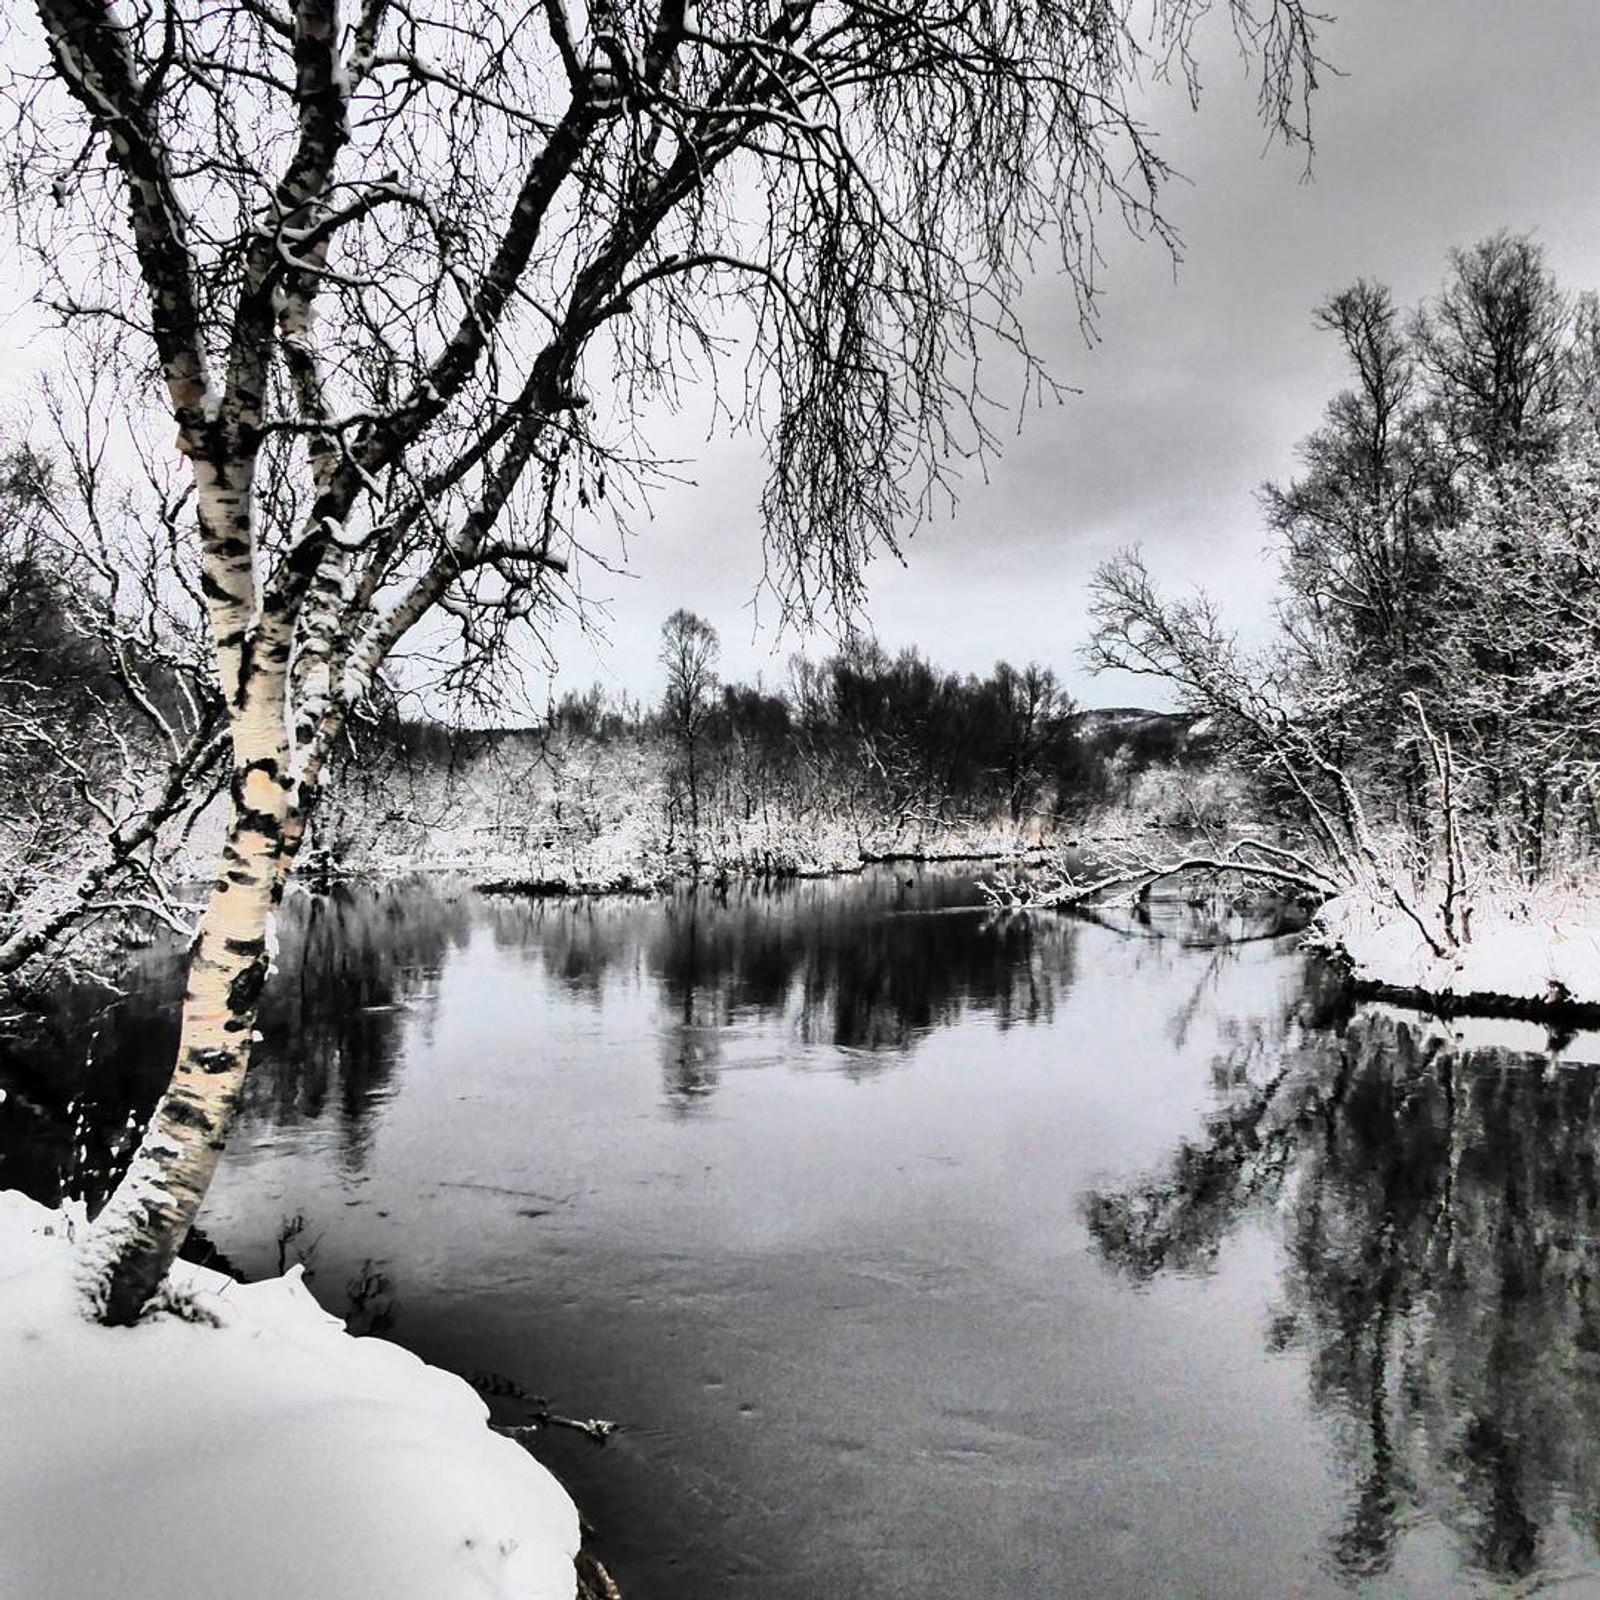 Futelva i vinterfrakk. Teken på Bertnes i Bodø.